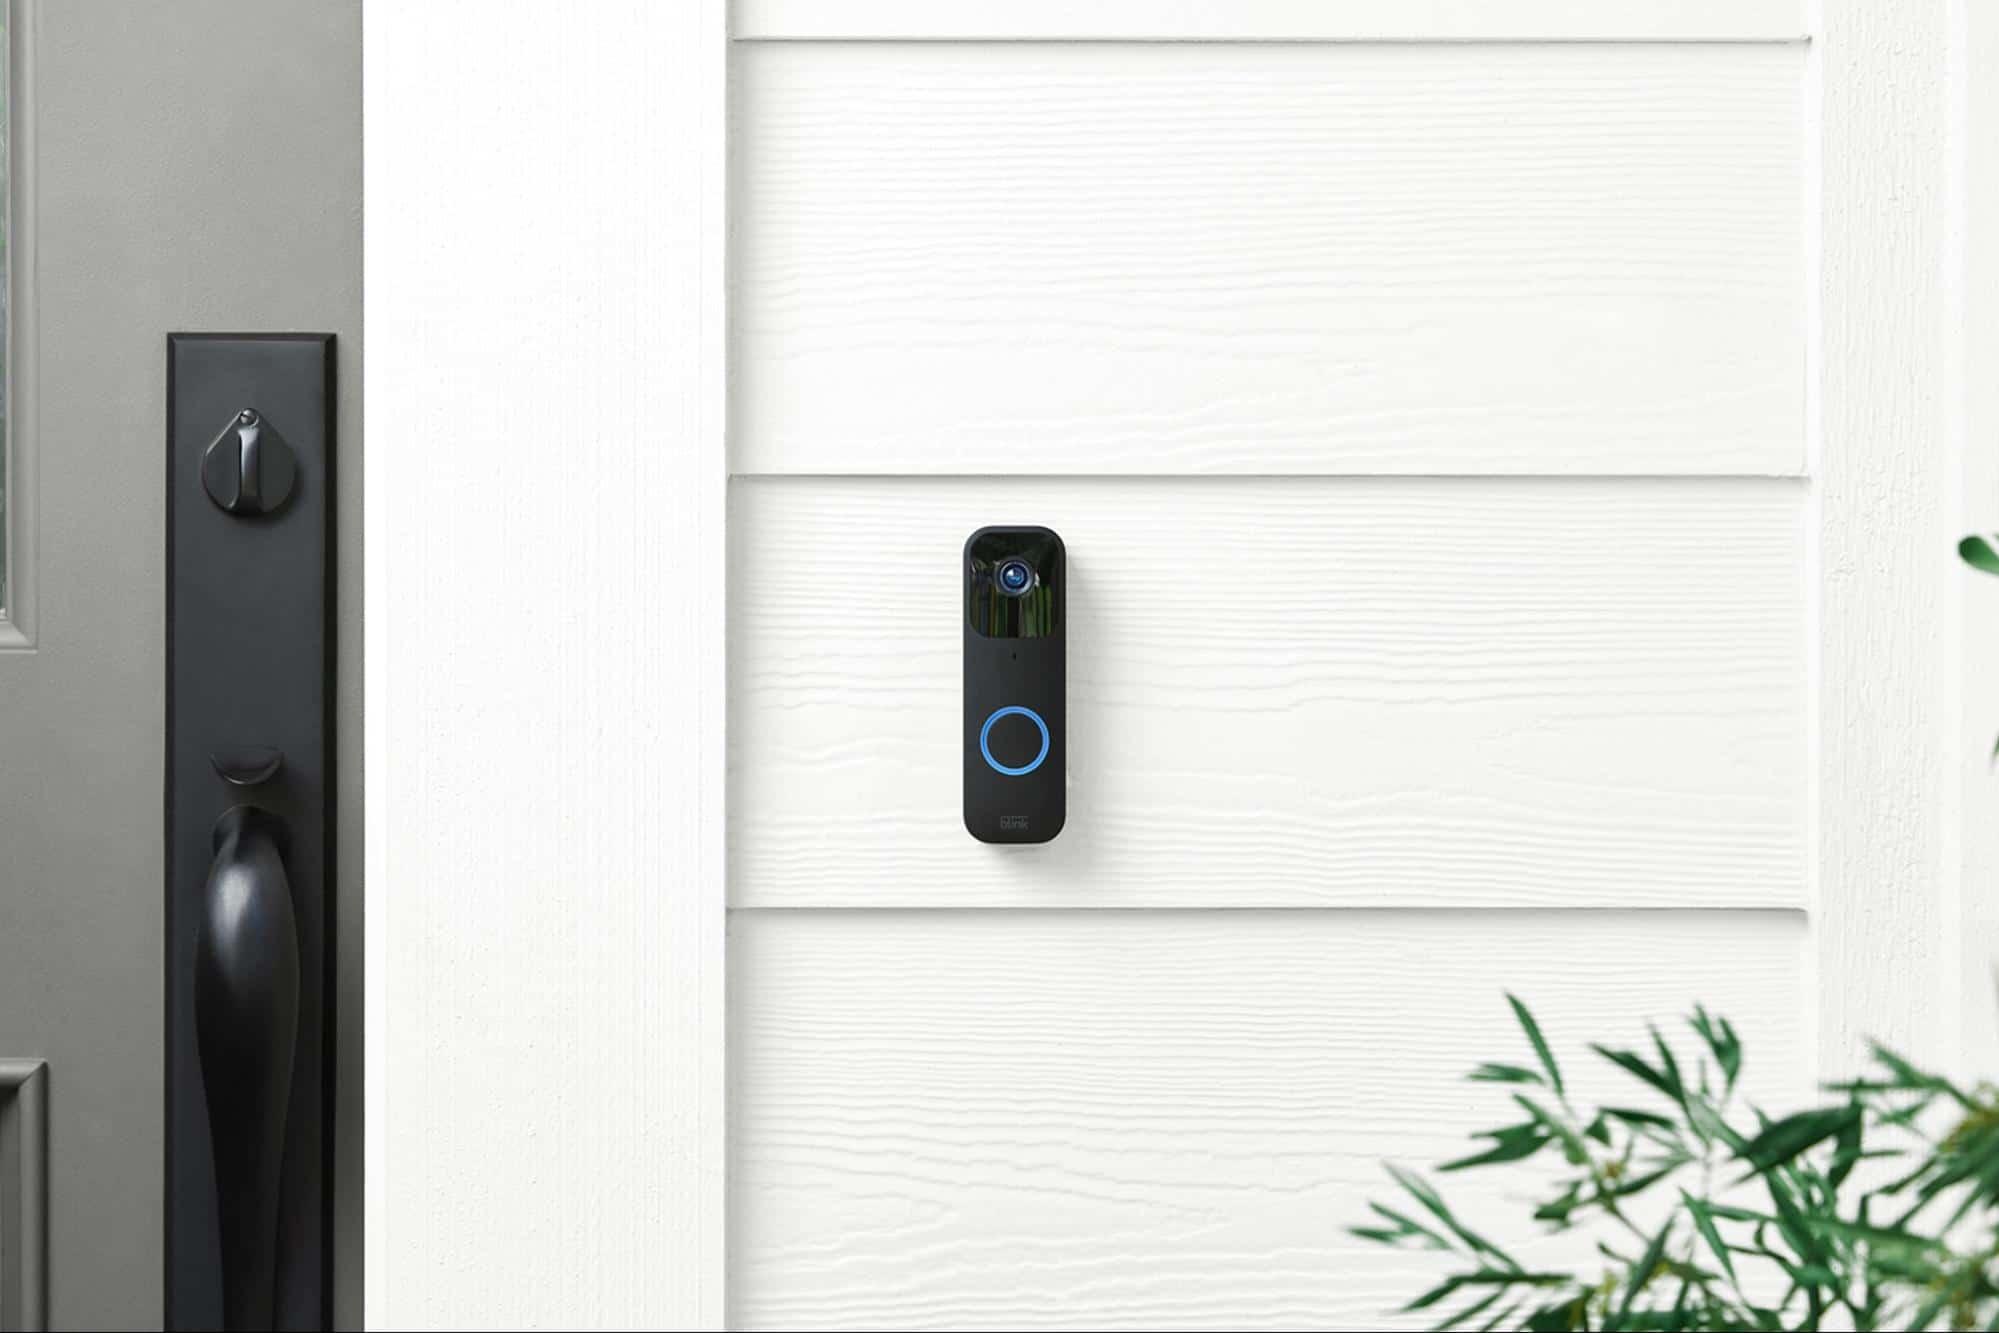 Blink Video Doorbell (Photo: Blink/Amazon)